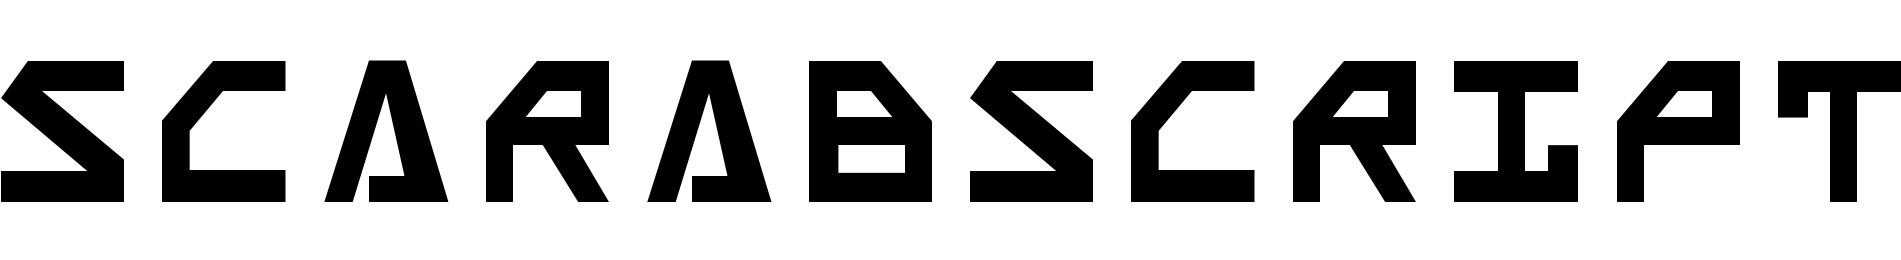 scarabscript